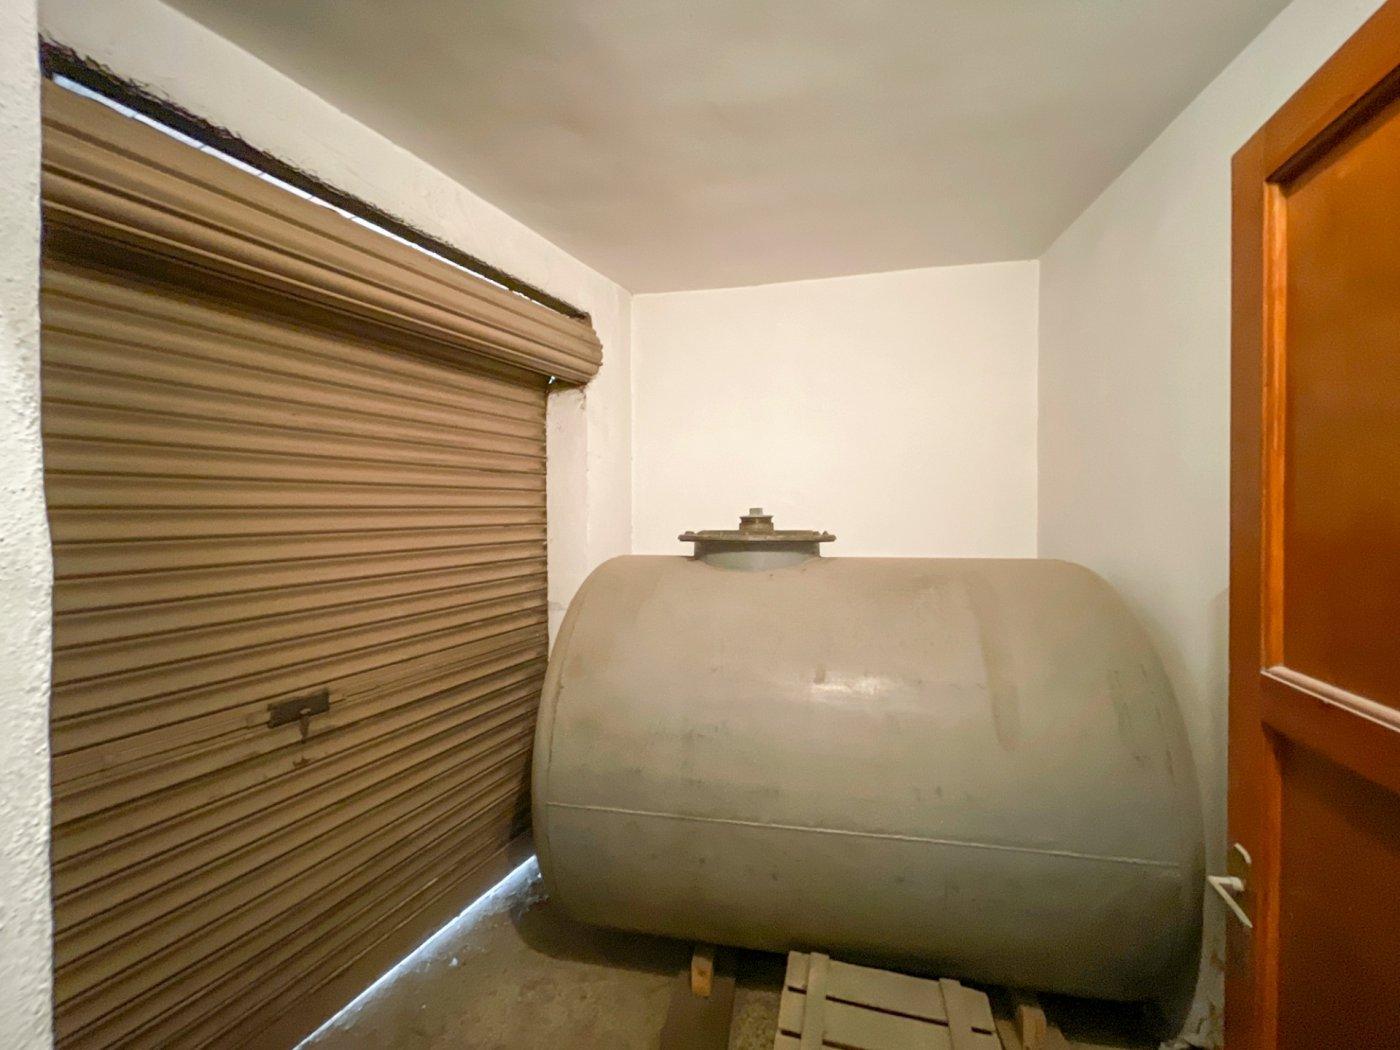 Magnifica casa con garaje en centro de onil - imagenInmueble31